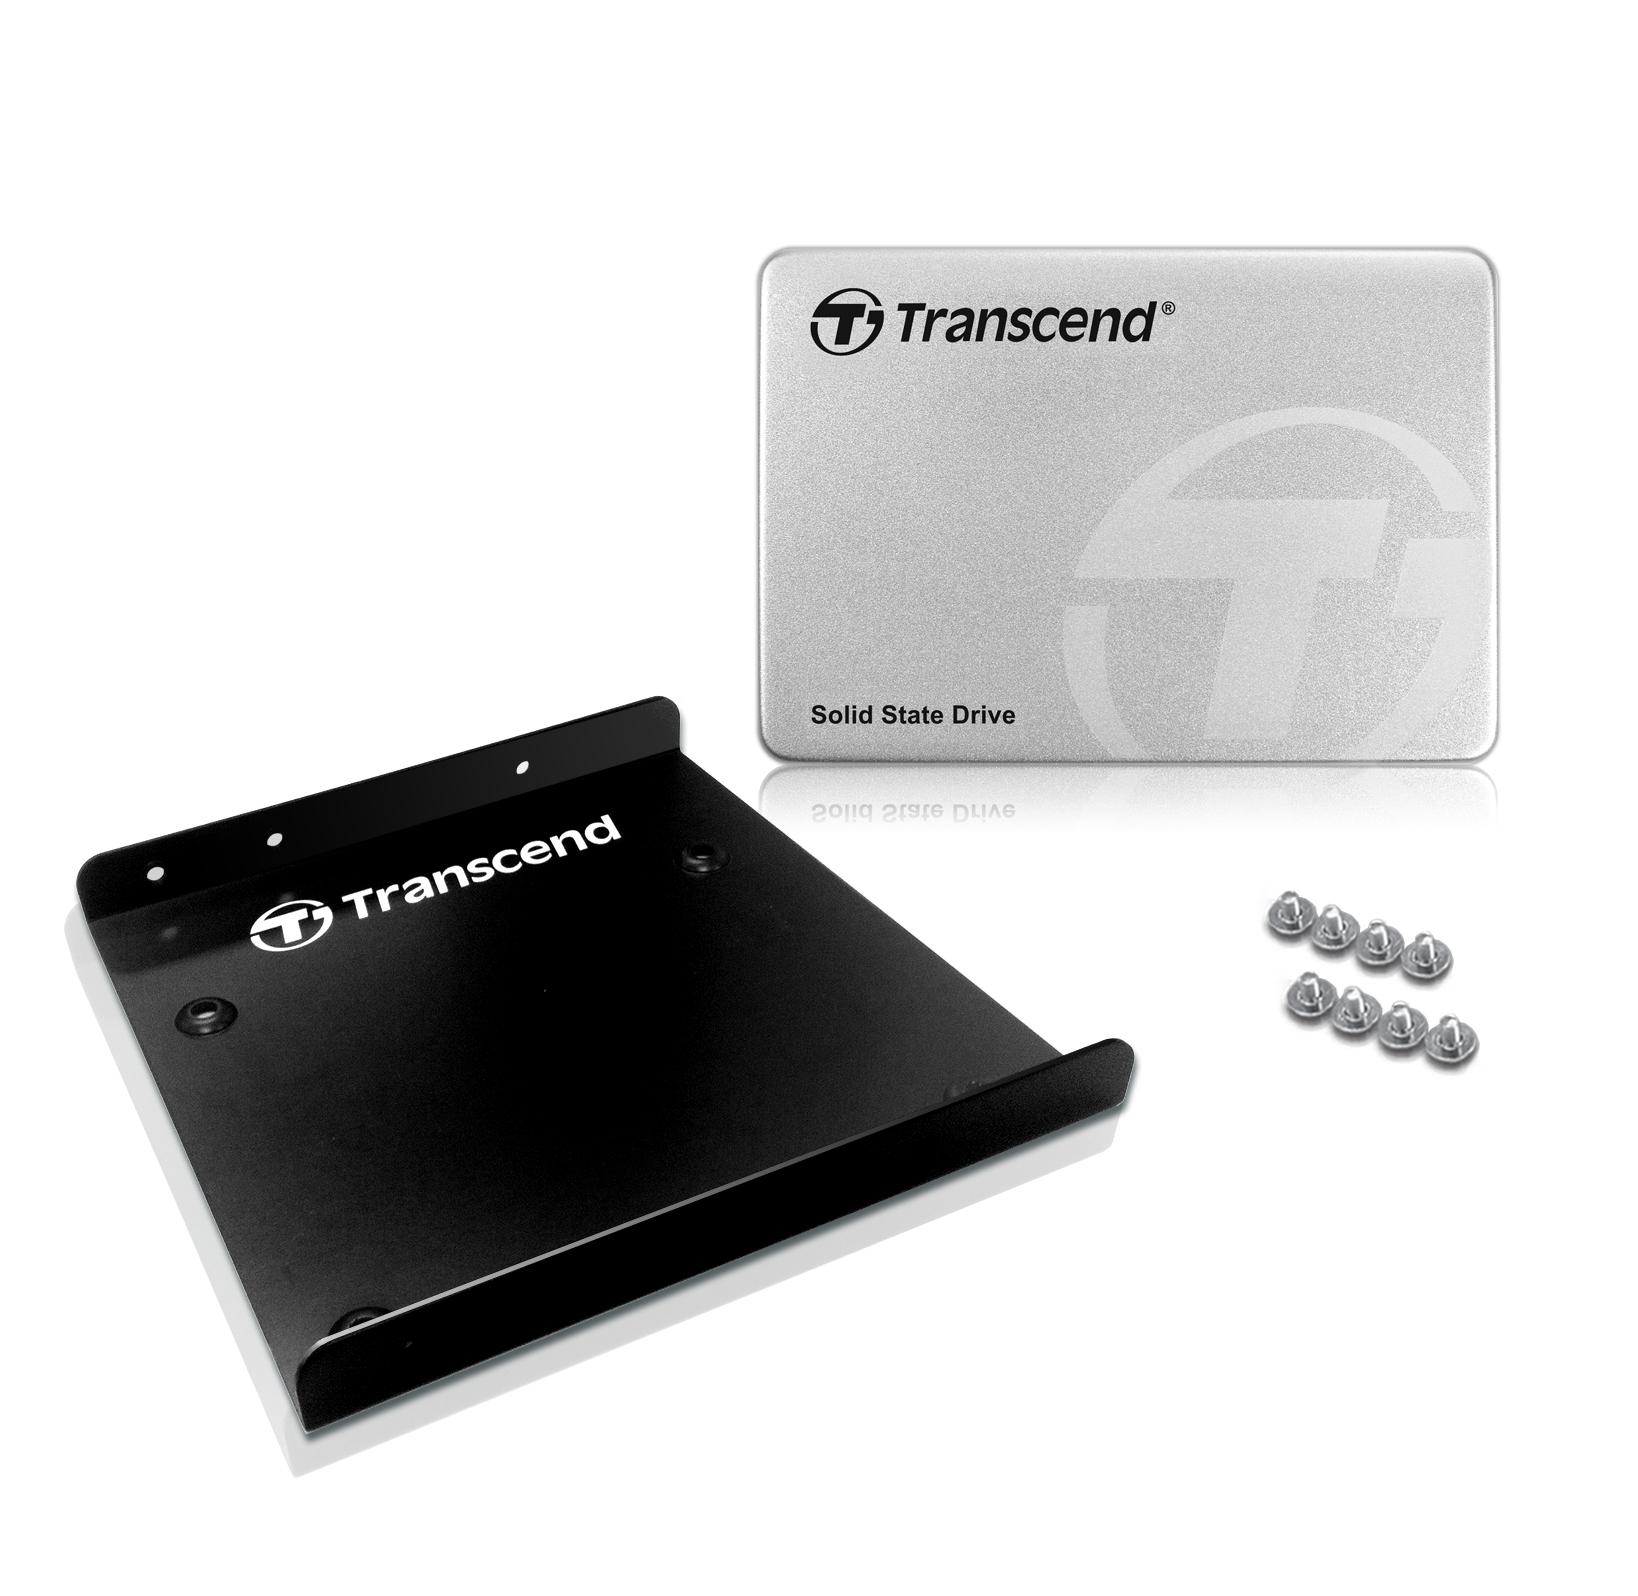 32 GB SSD370S SSD (SATA 6 Gb/s)